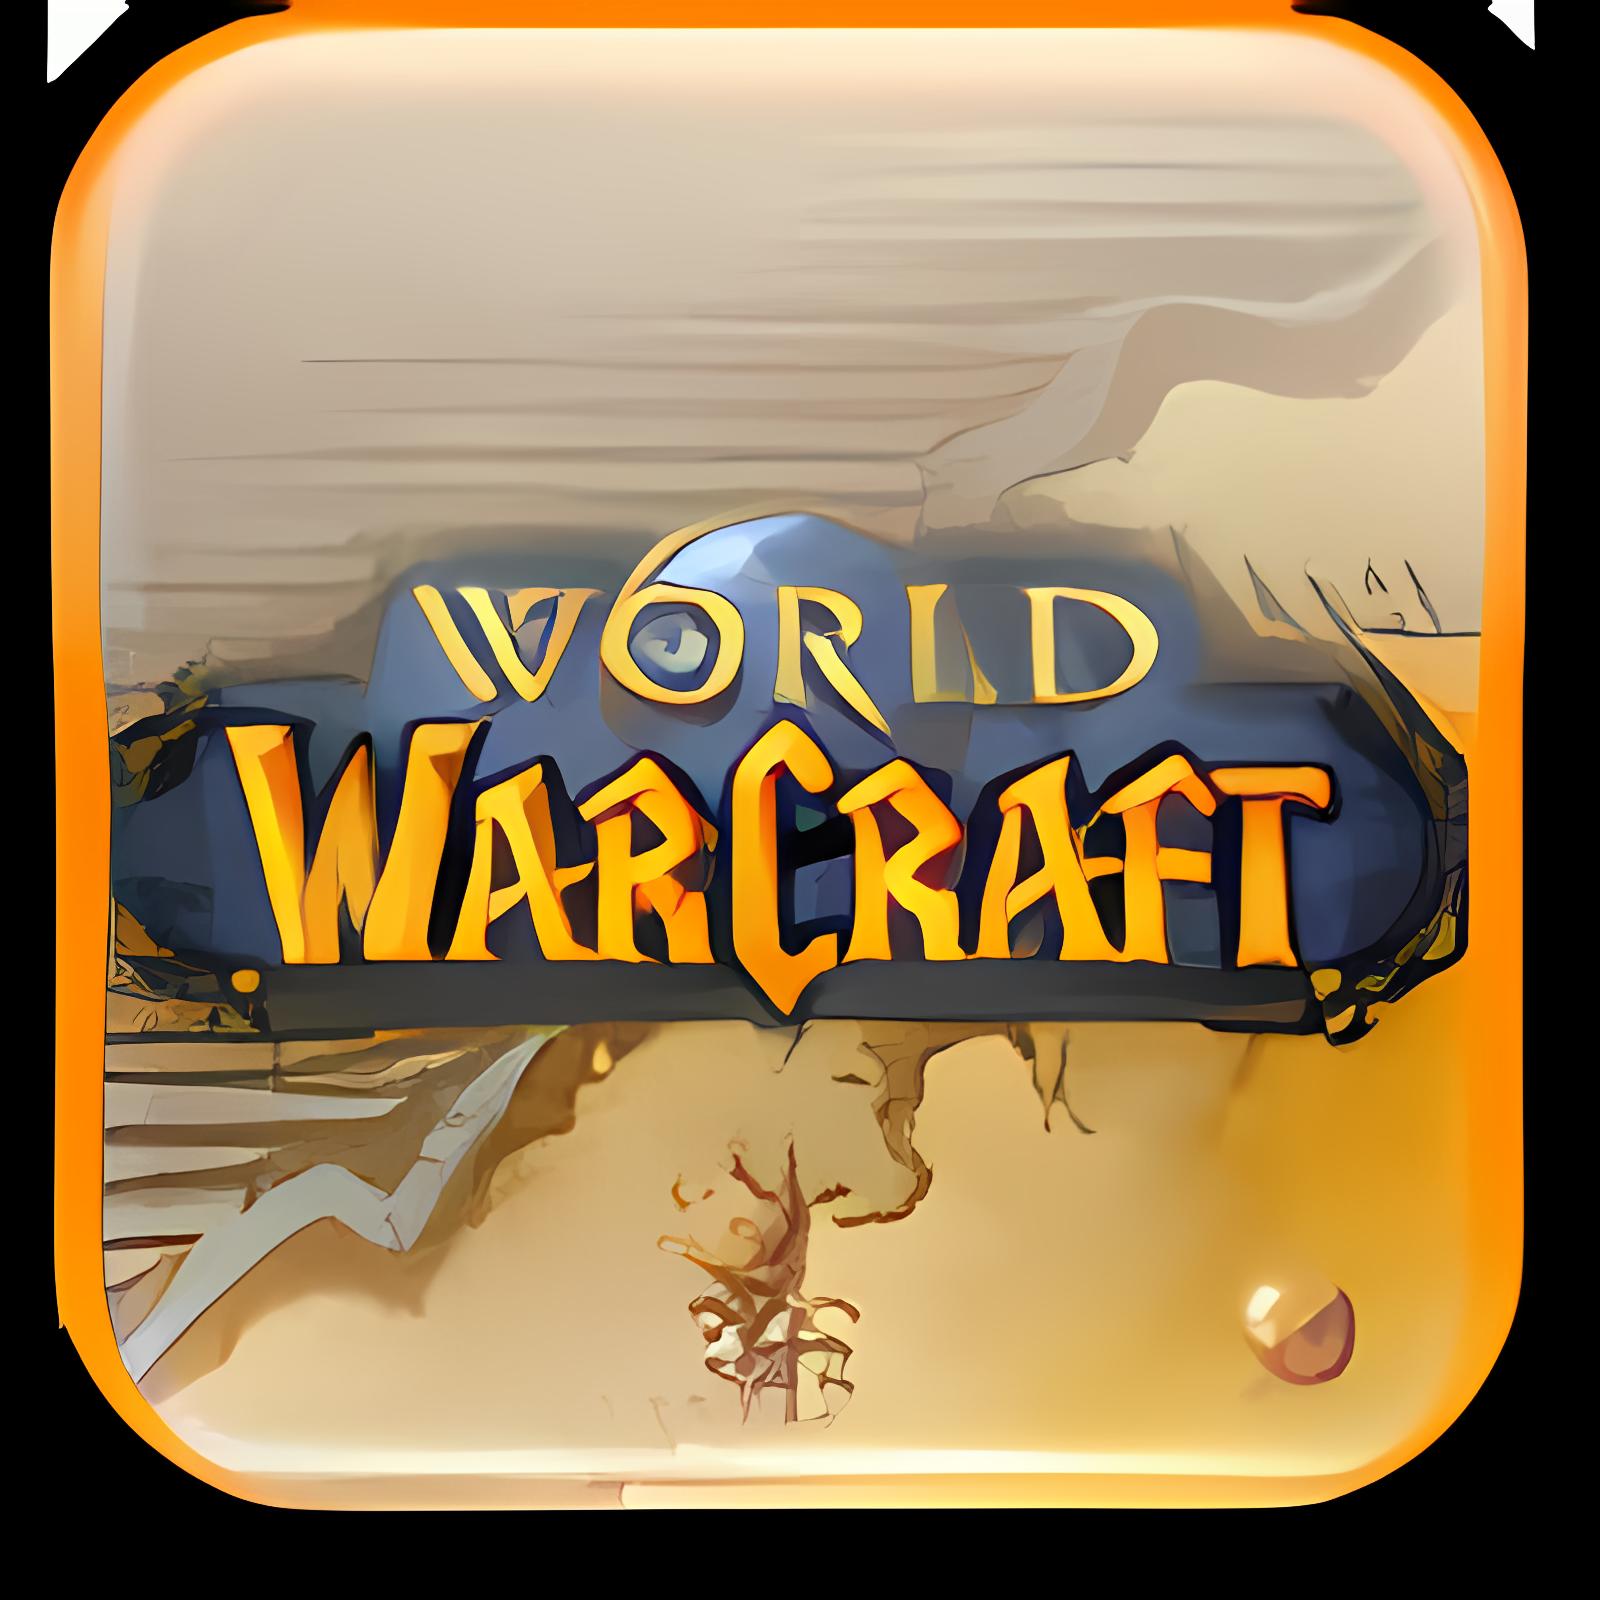 World of Warcraft Gatherer